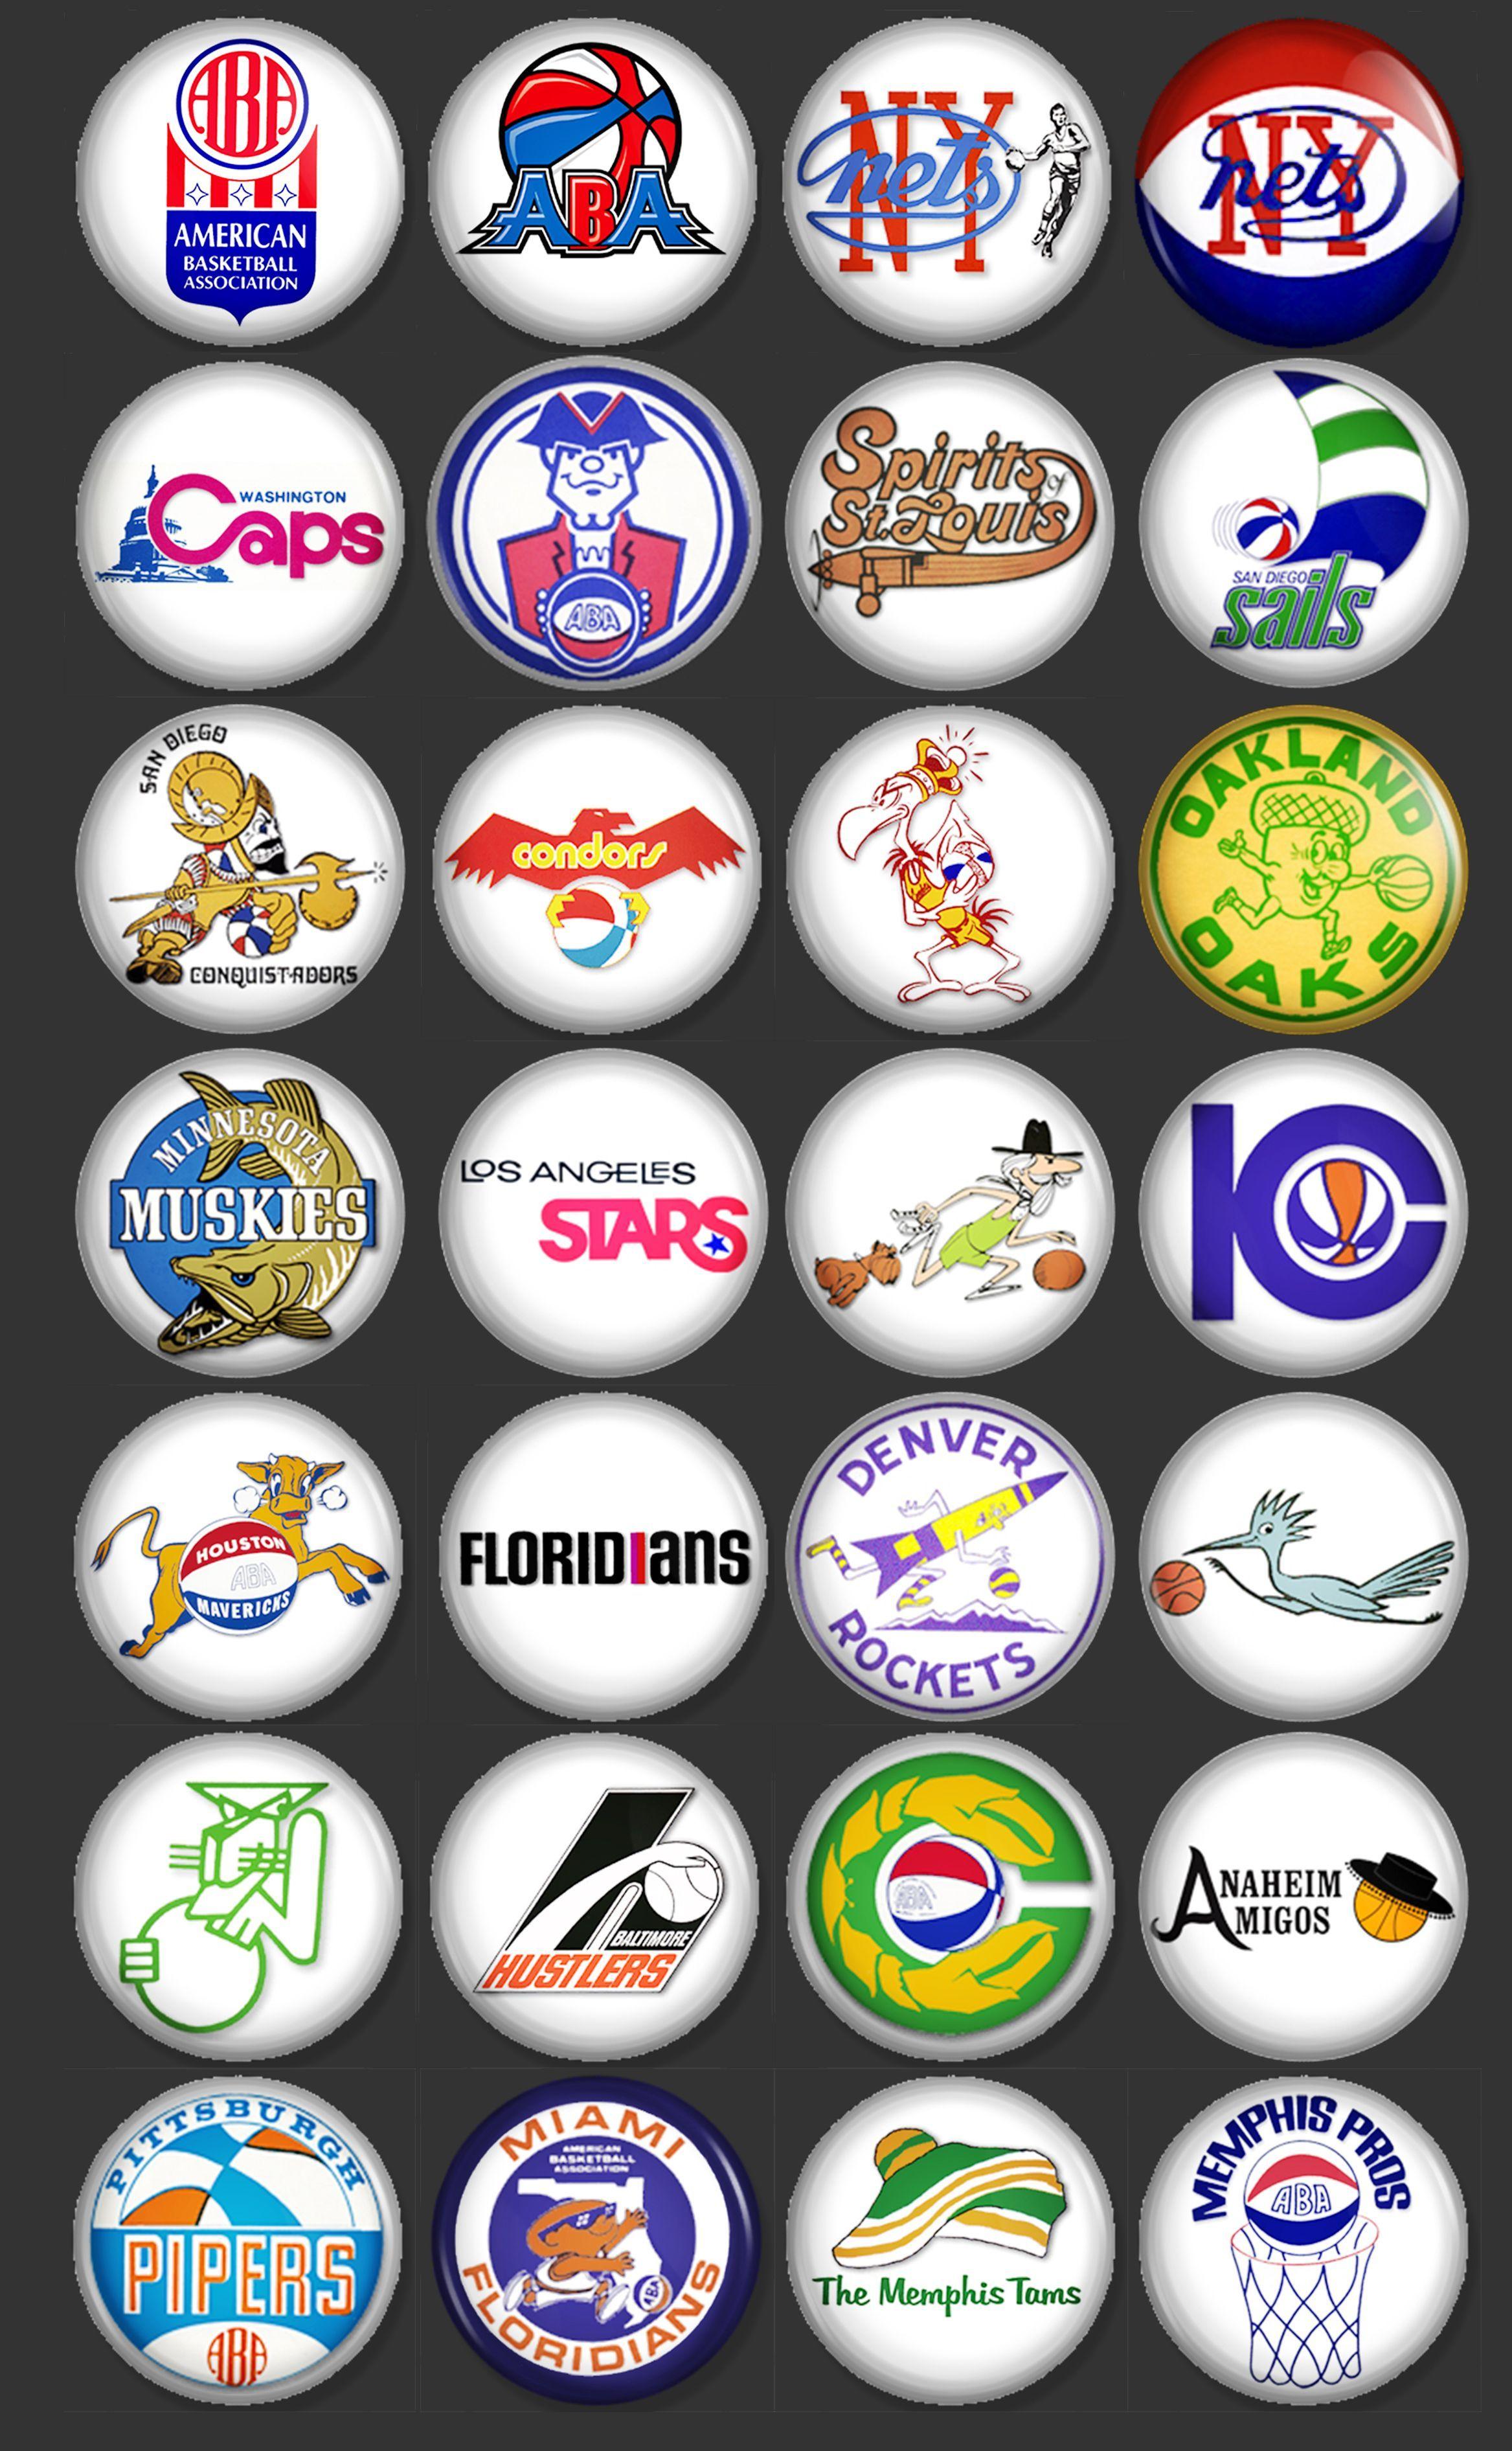 Aba Team Logos In 2020 Logo Basketball Aba Basketball Uniforms